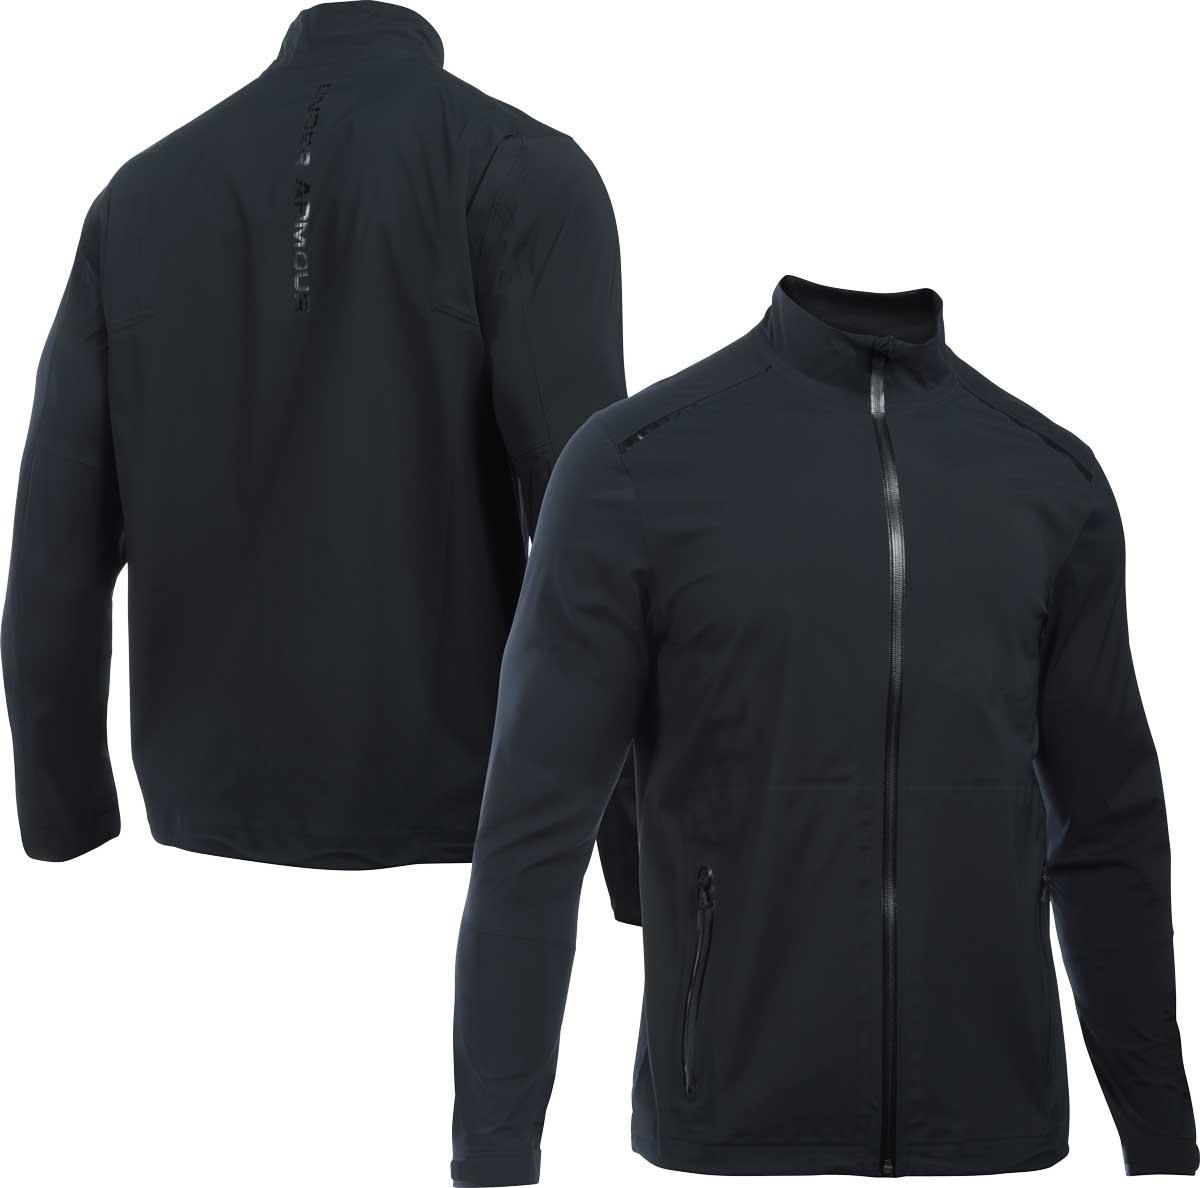 Under Armour Gore-Tex Paclite Jacket - Zwart